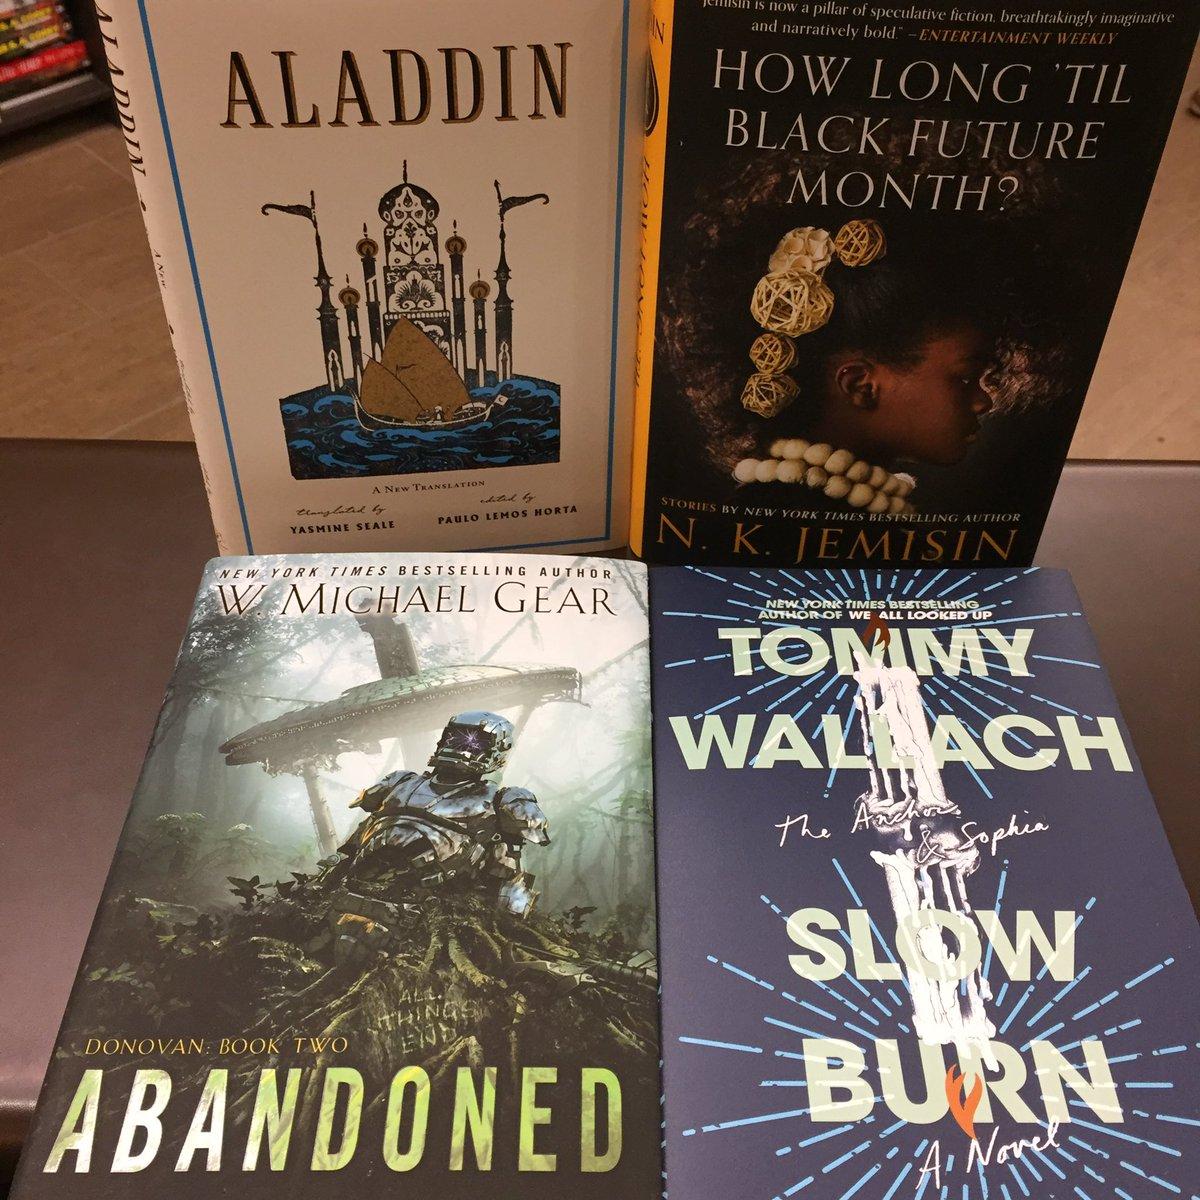 Bakka Phoenix Books on Twitter: